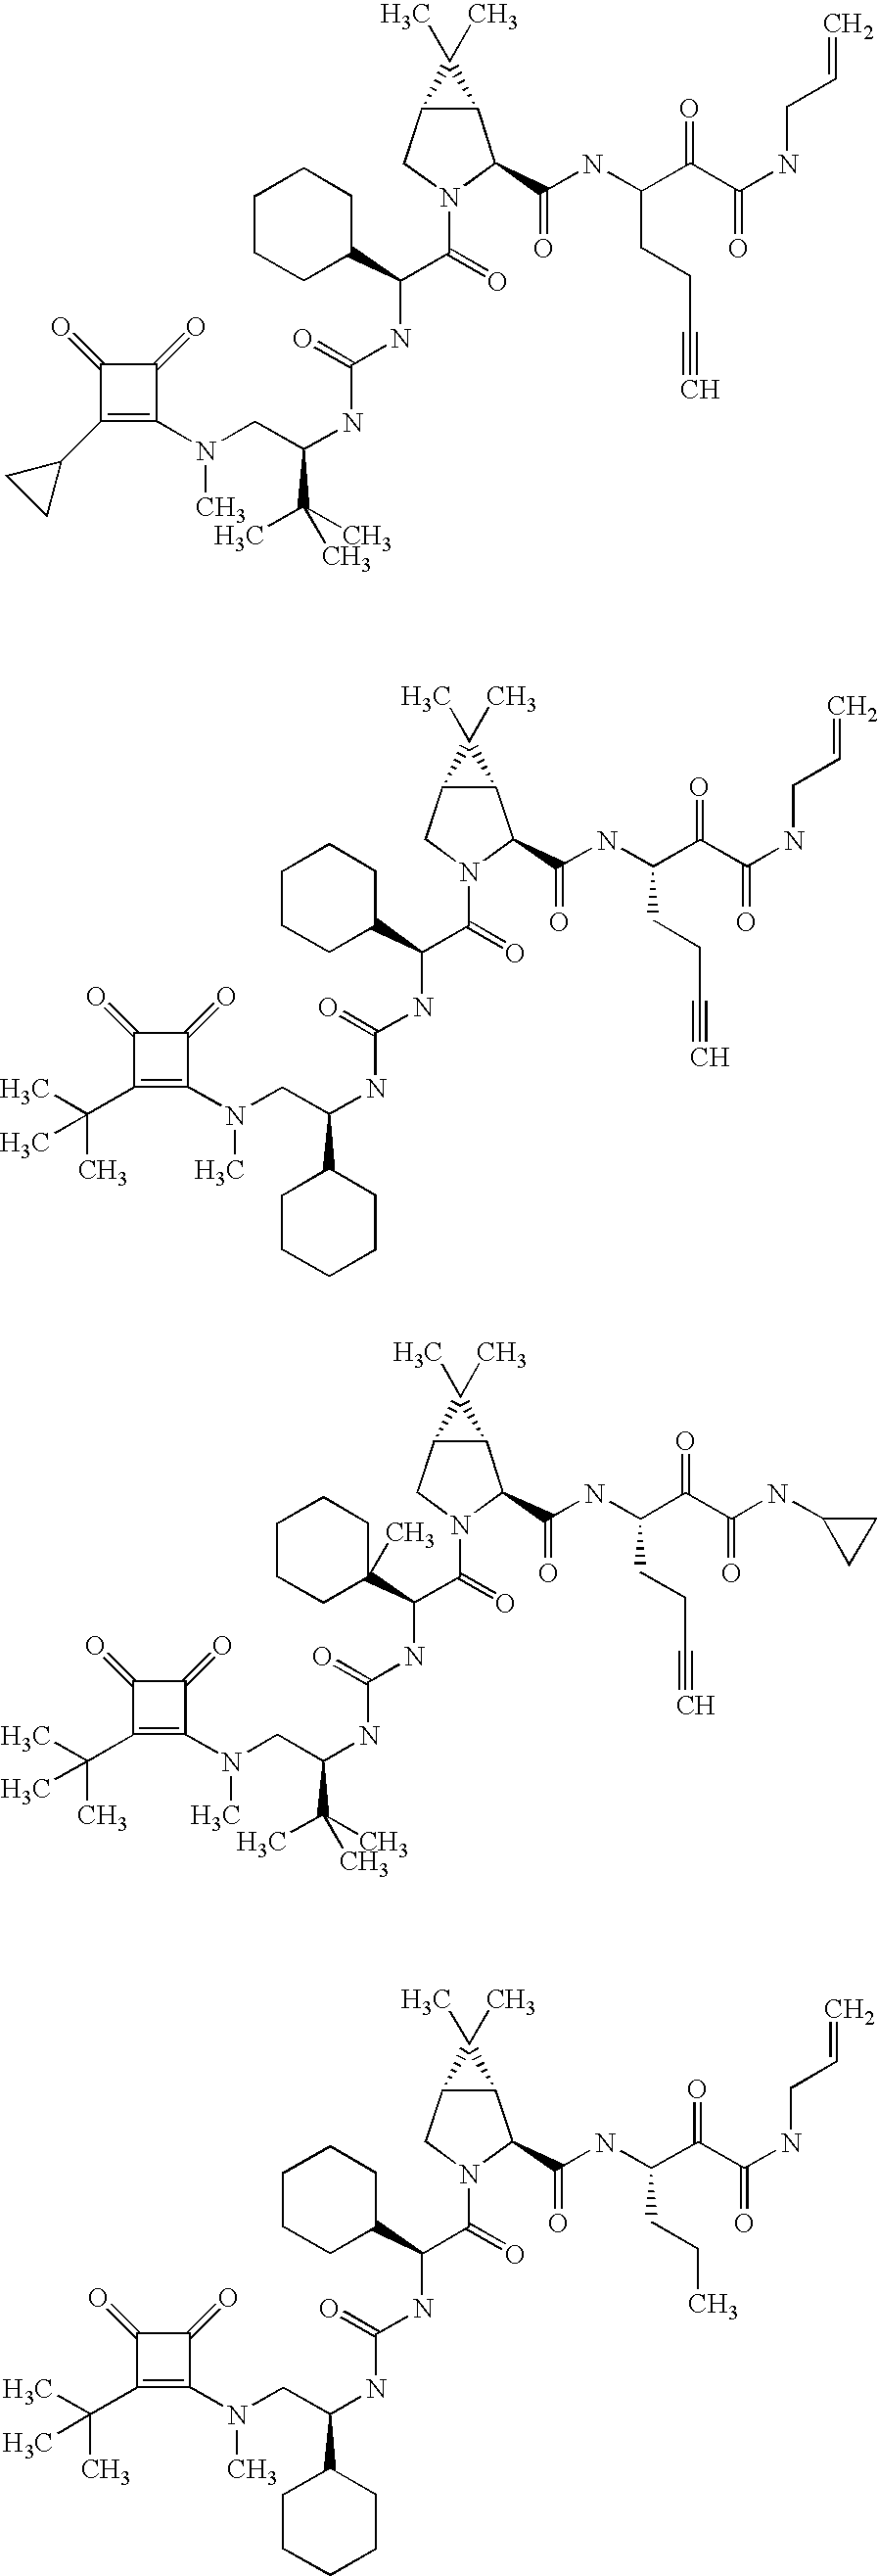 Figure US20060287248A1-20061221-C00552